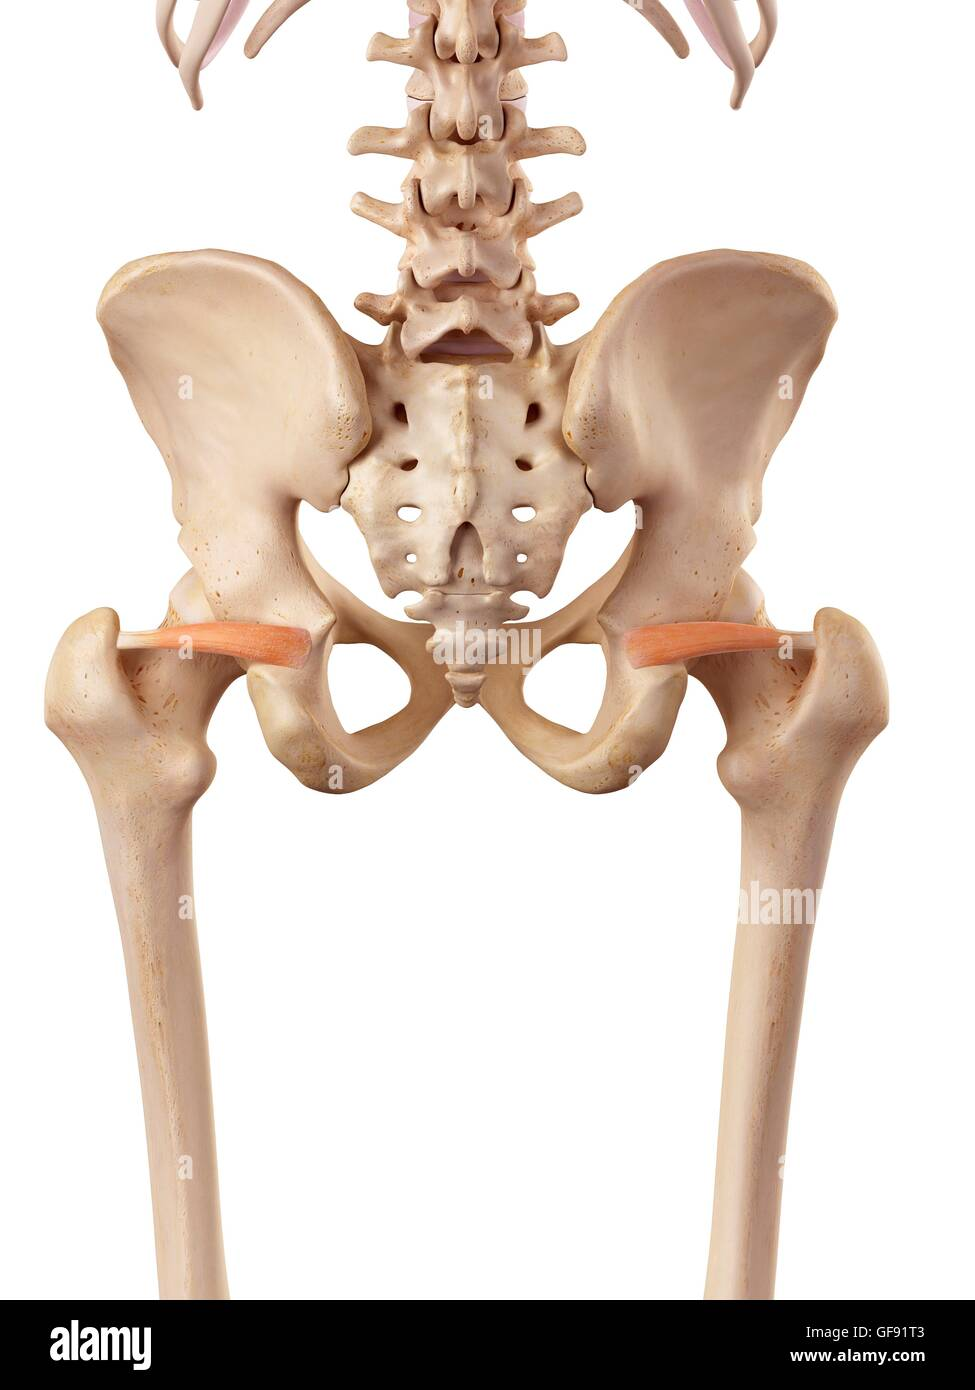 El músculo humano, ilustración. Imagen De Stock